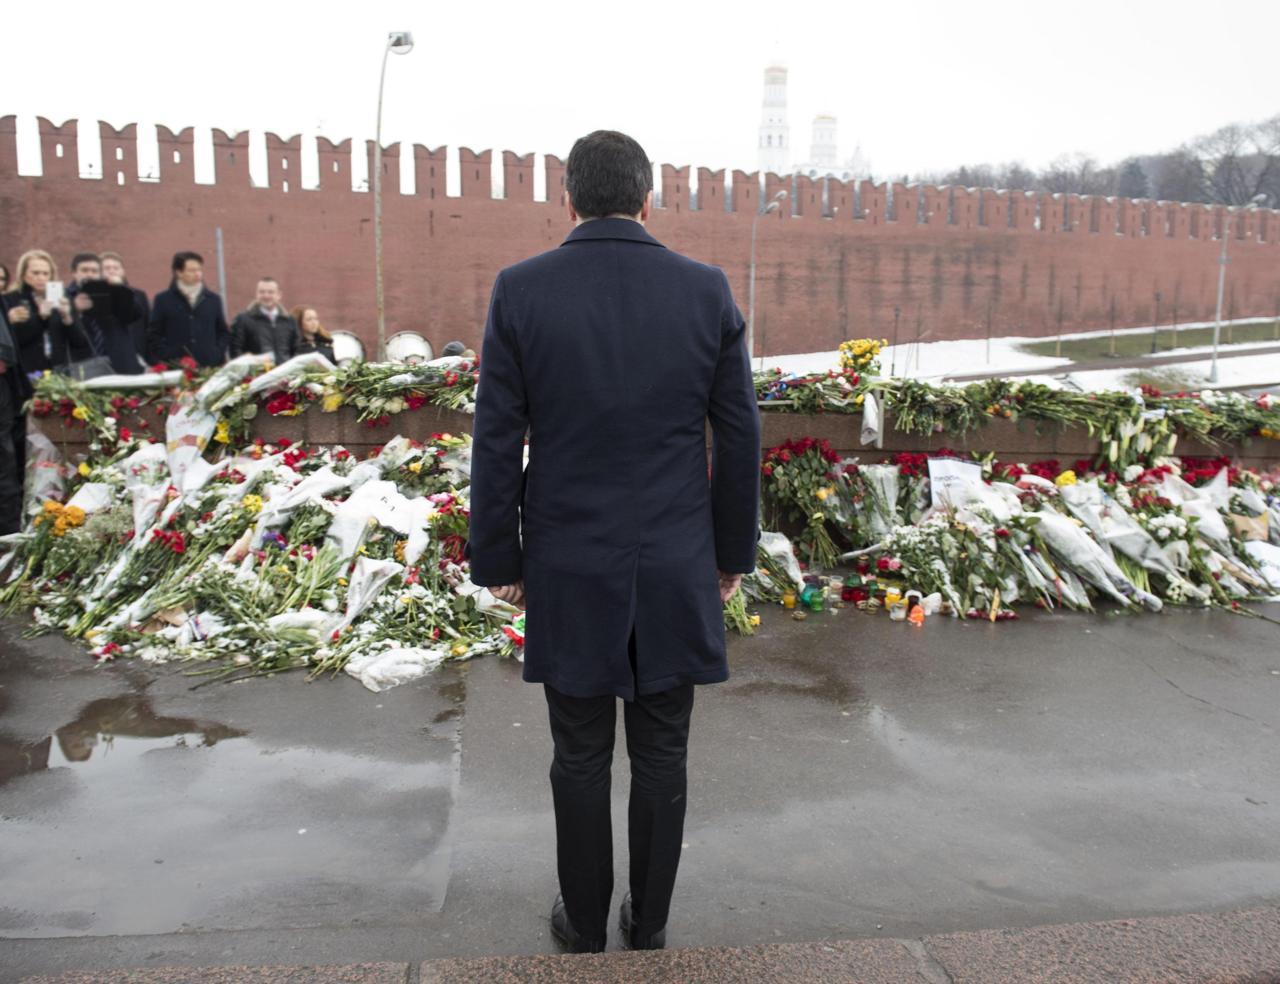 Matteo Renzi moszkvai útja során virágot helyez el Borisz Nyemcov meggyilkolásának helyszínén. Az útért több oldalról is kritikák érték az olasz miniszterelnököt (f.: Corriere della Sera)